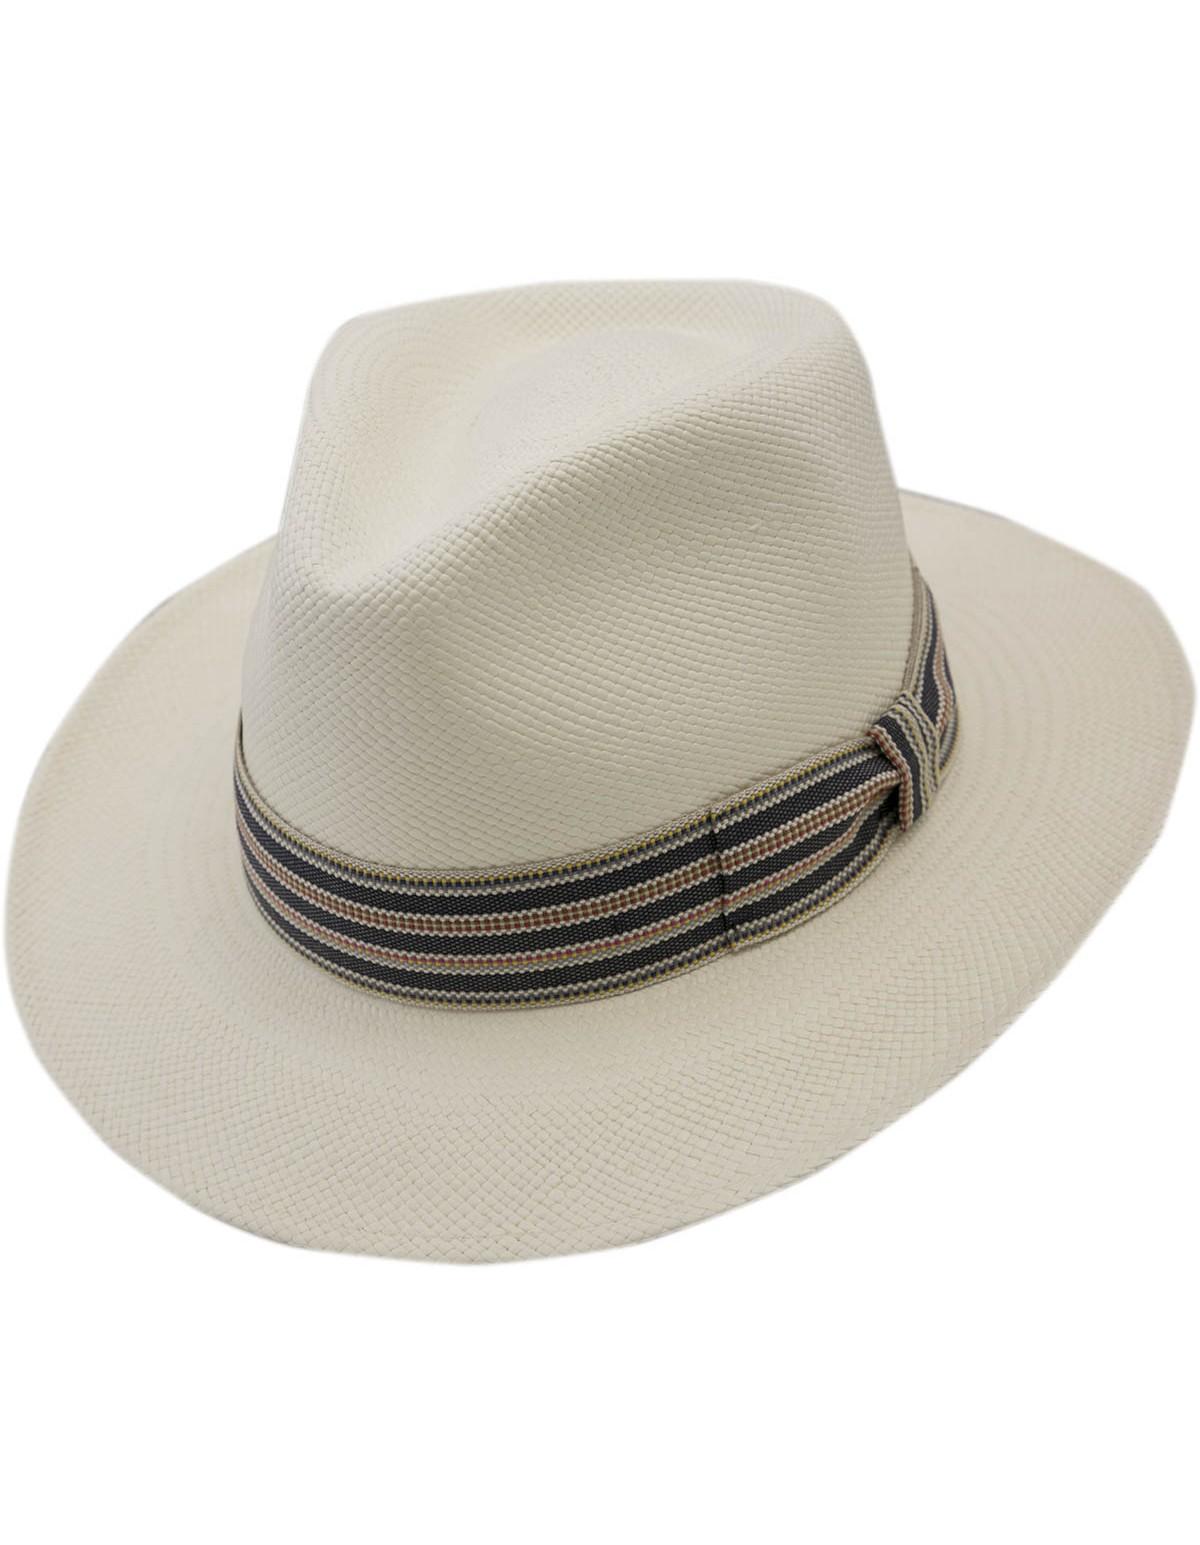 Καπέλο Panama Mario